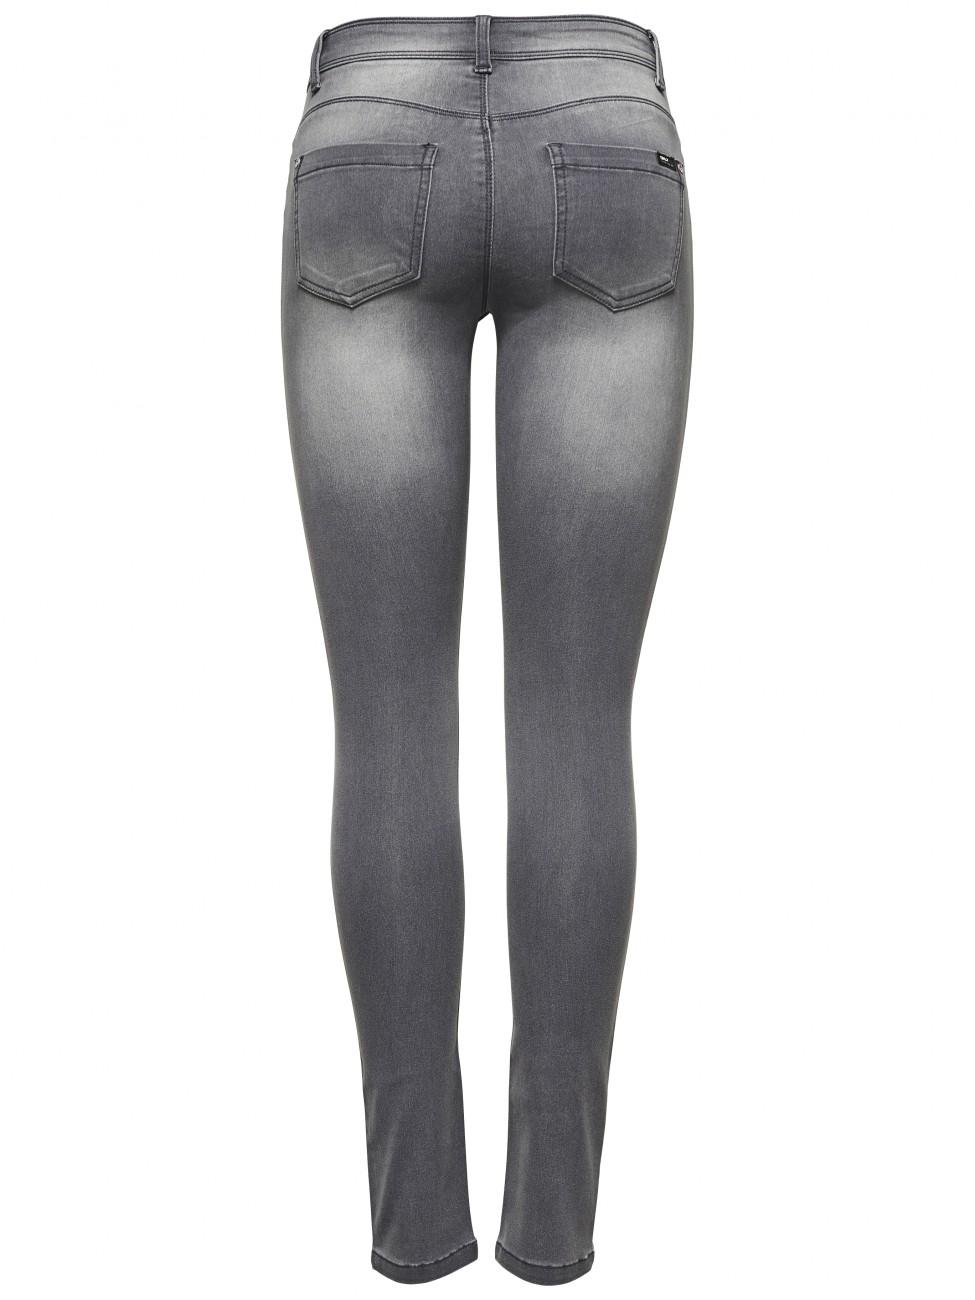 only damen jeans ultimate grey kaufen jeans direct de. Black Bedroom Furniture Sets. Home Design Ideas